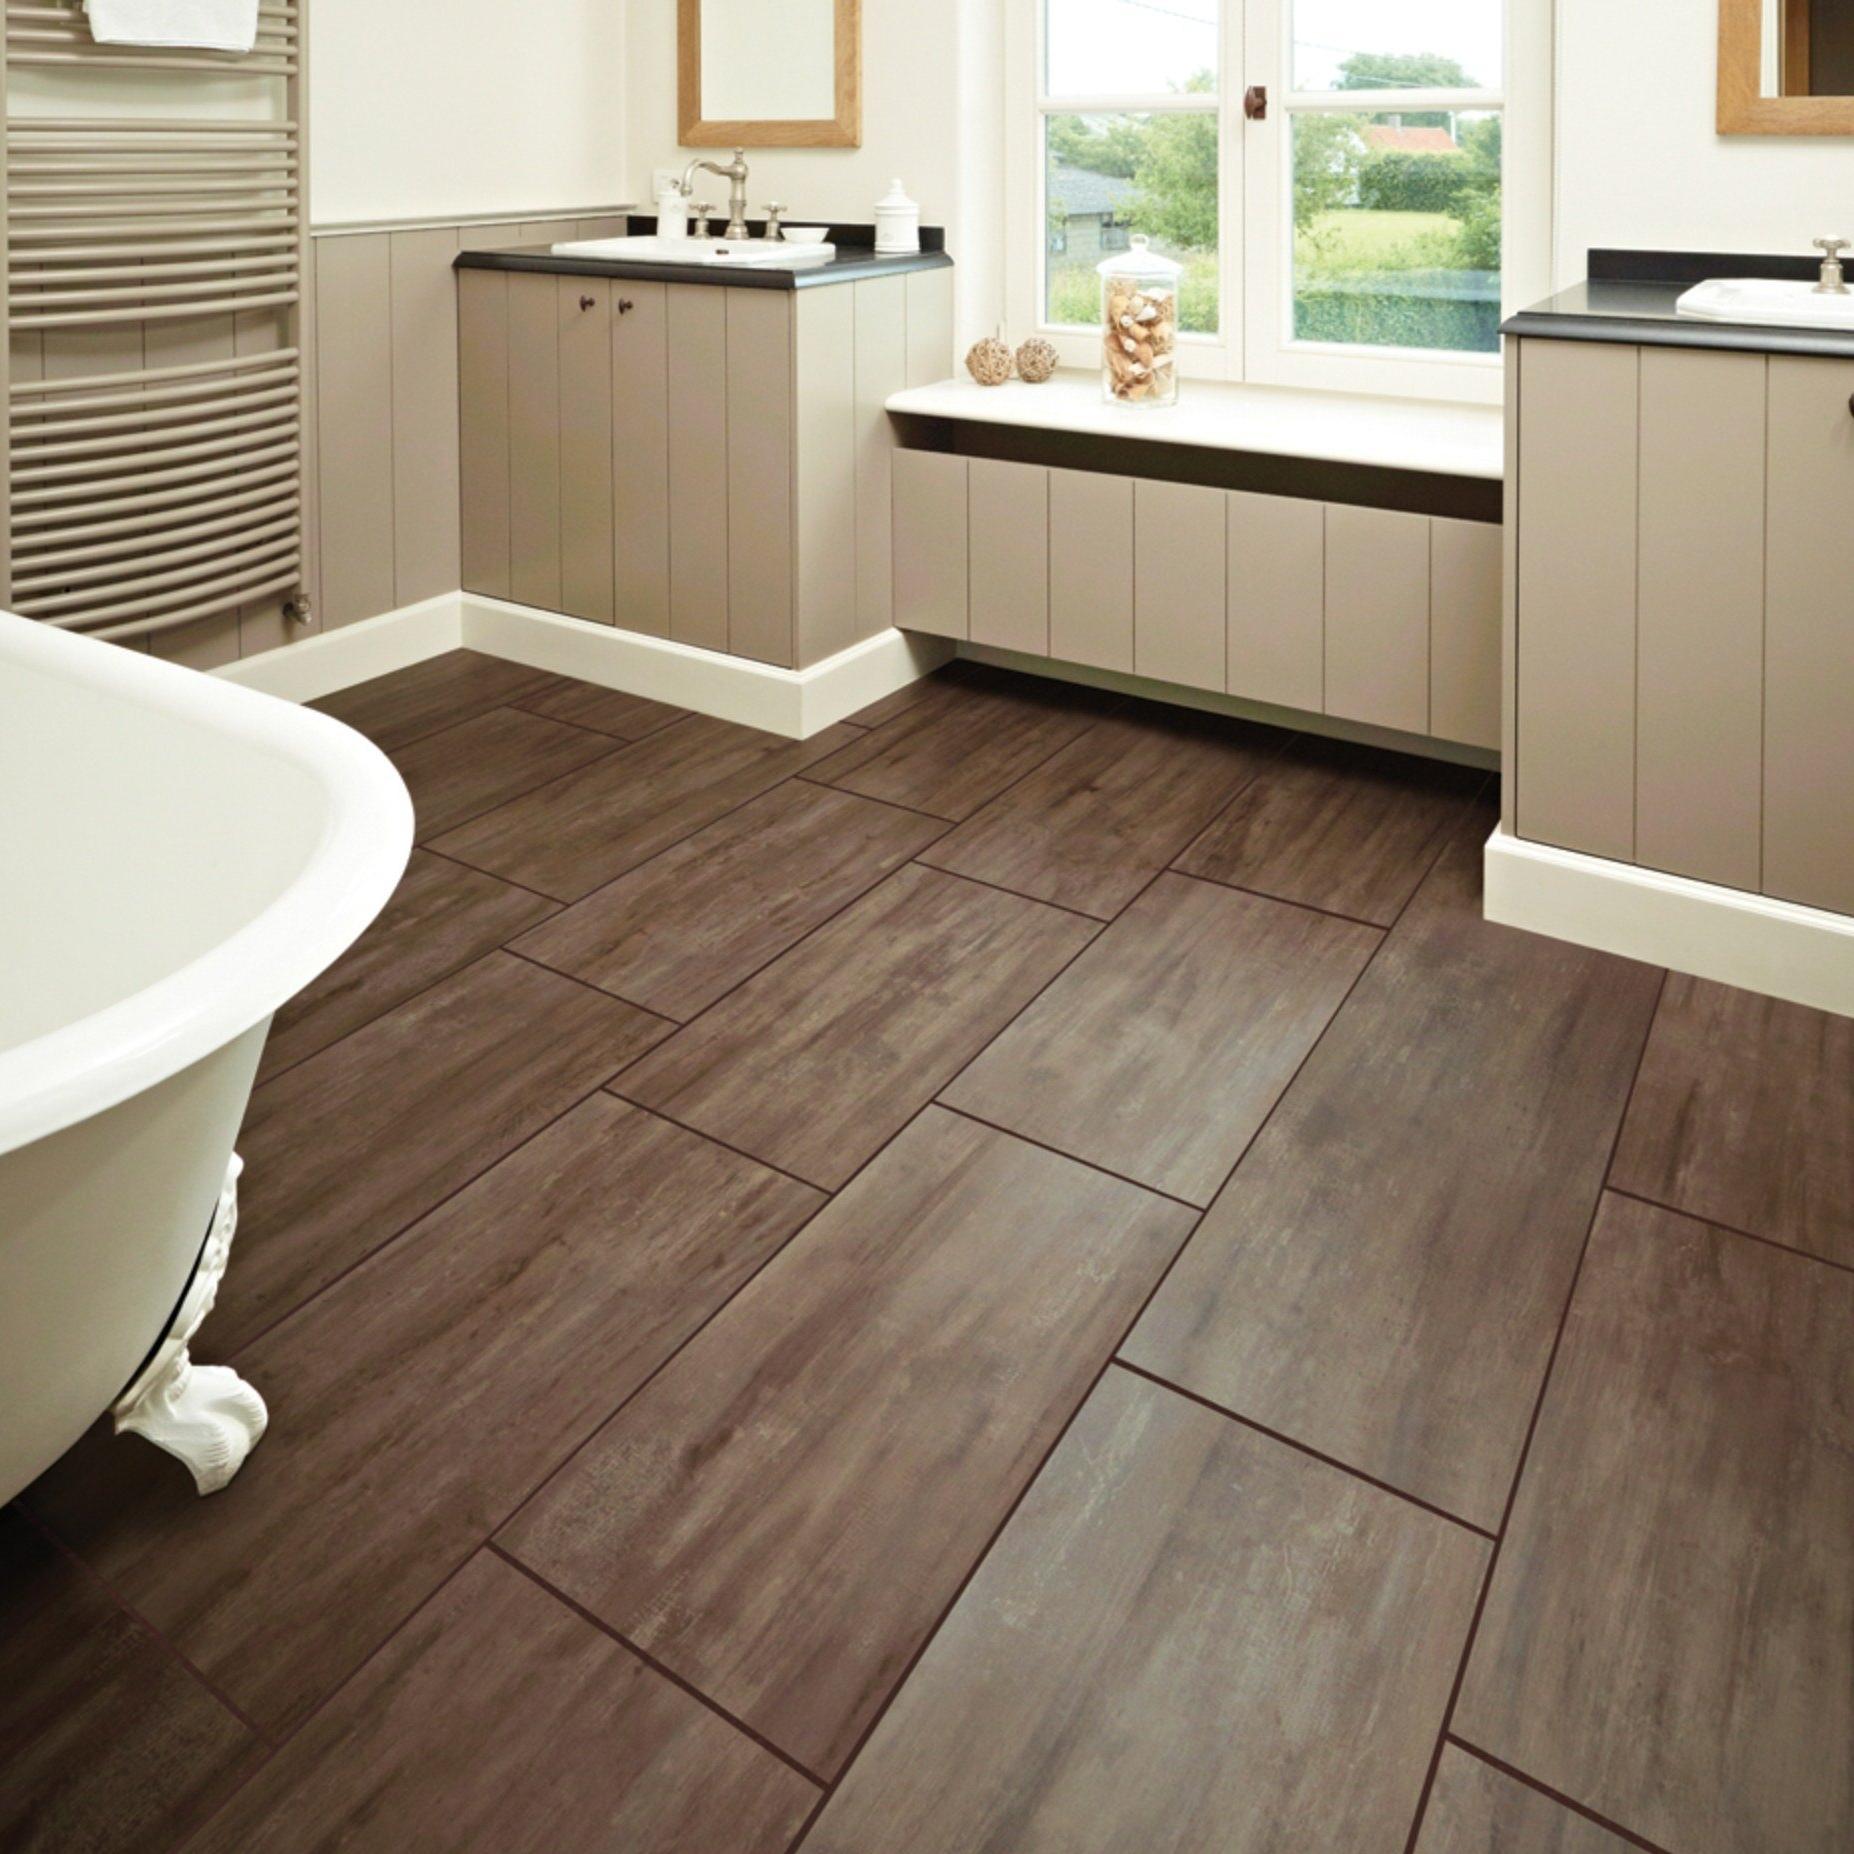 Cork-floor-tiles-non-slip-bathroom-floor.jpg